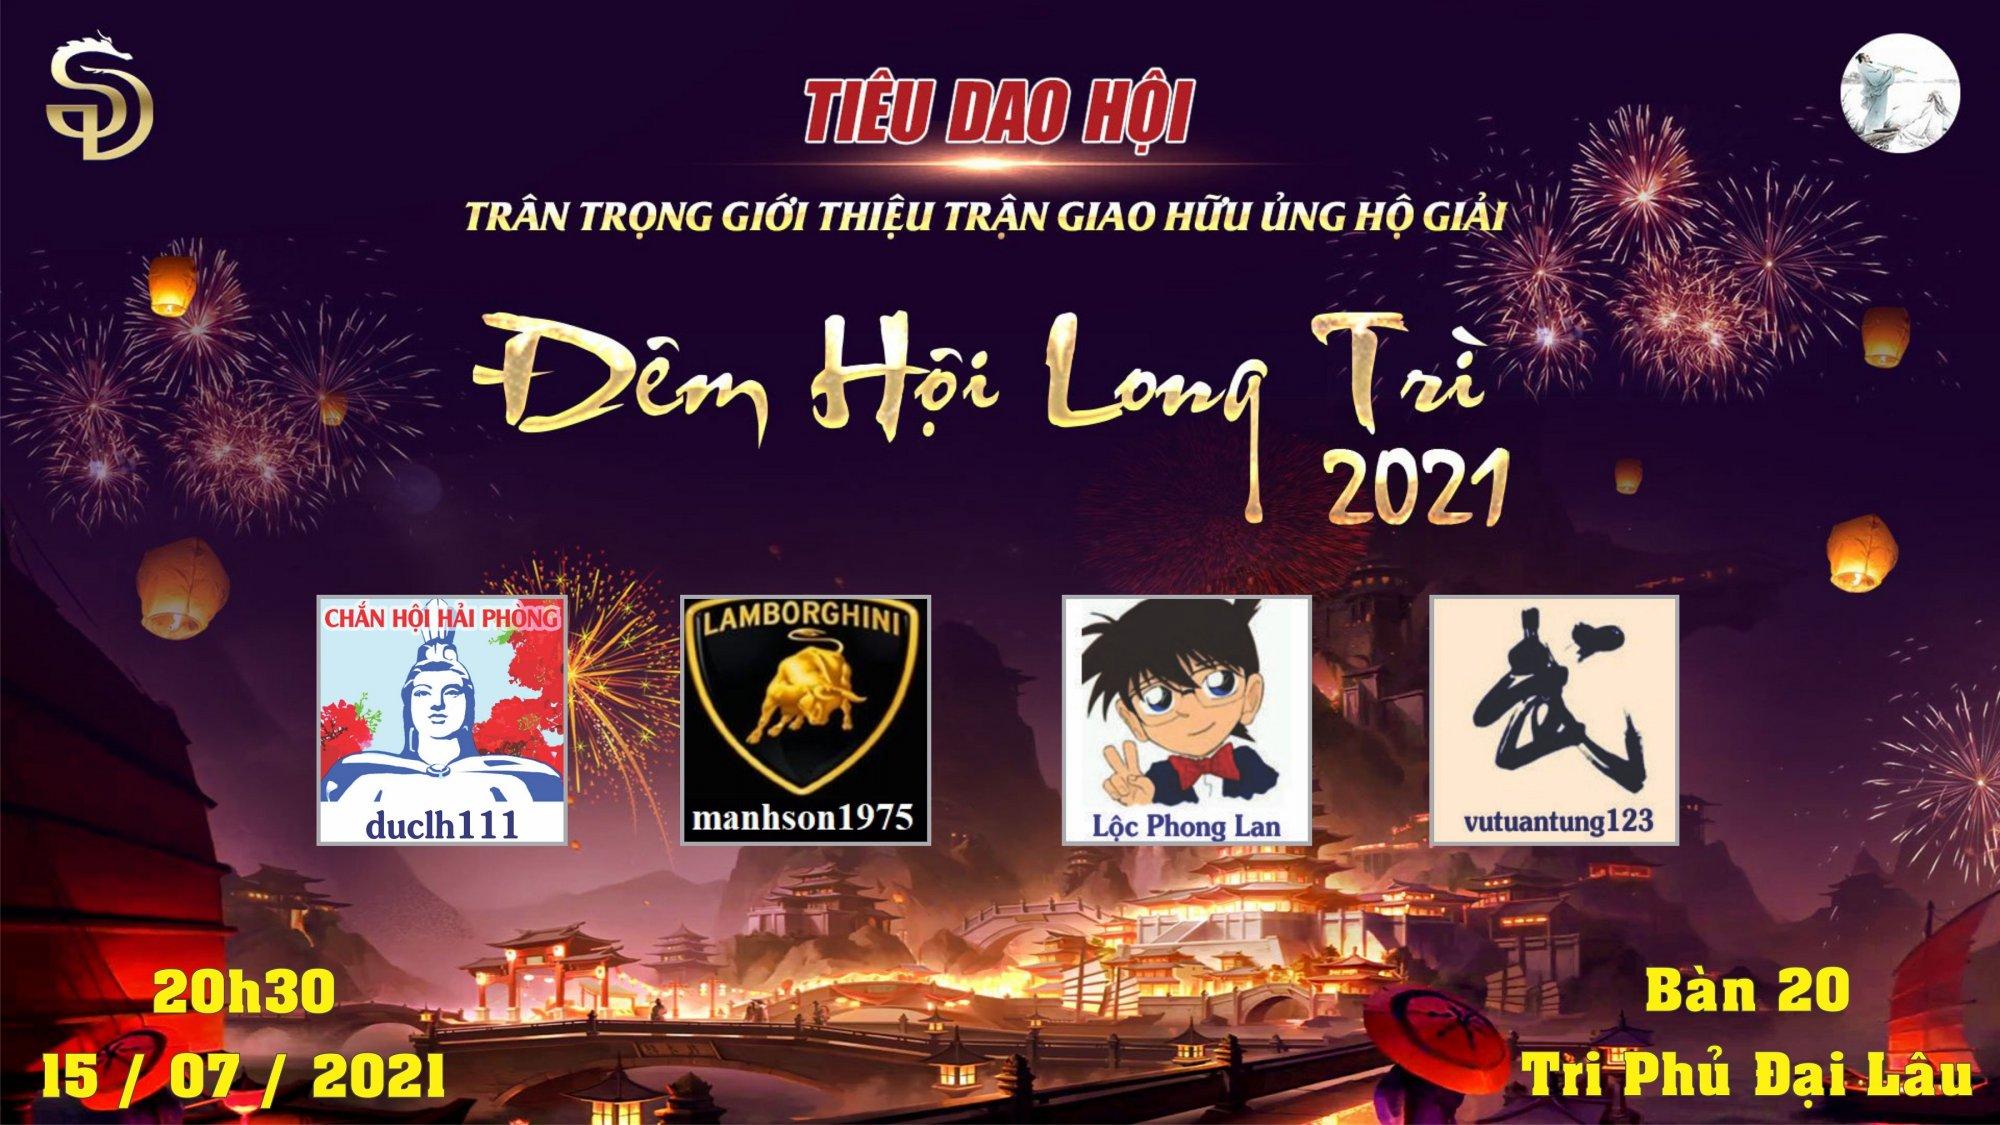 15.7_tran 10 - Tu Cuong Manh Son duclh.